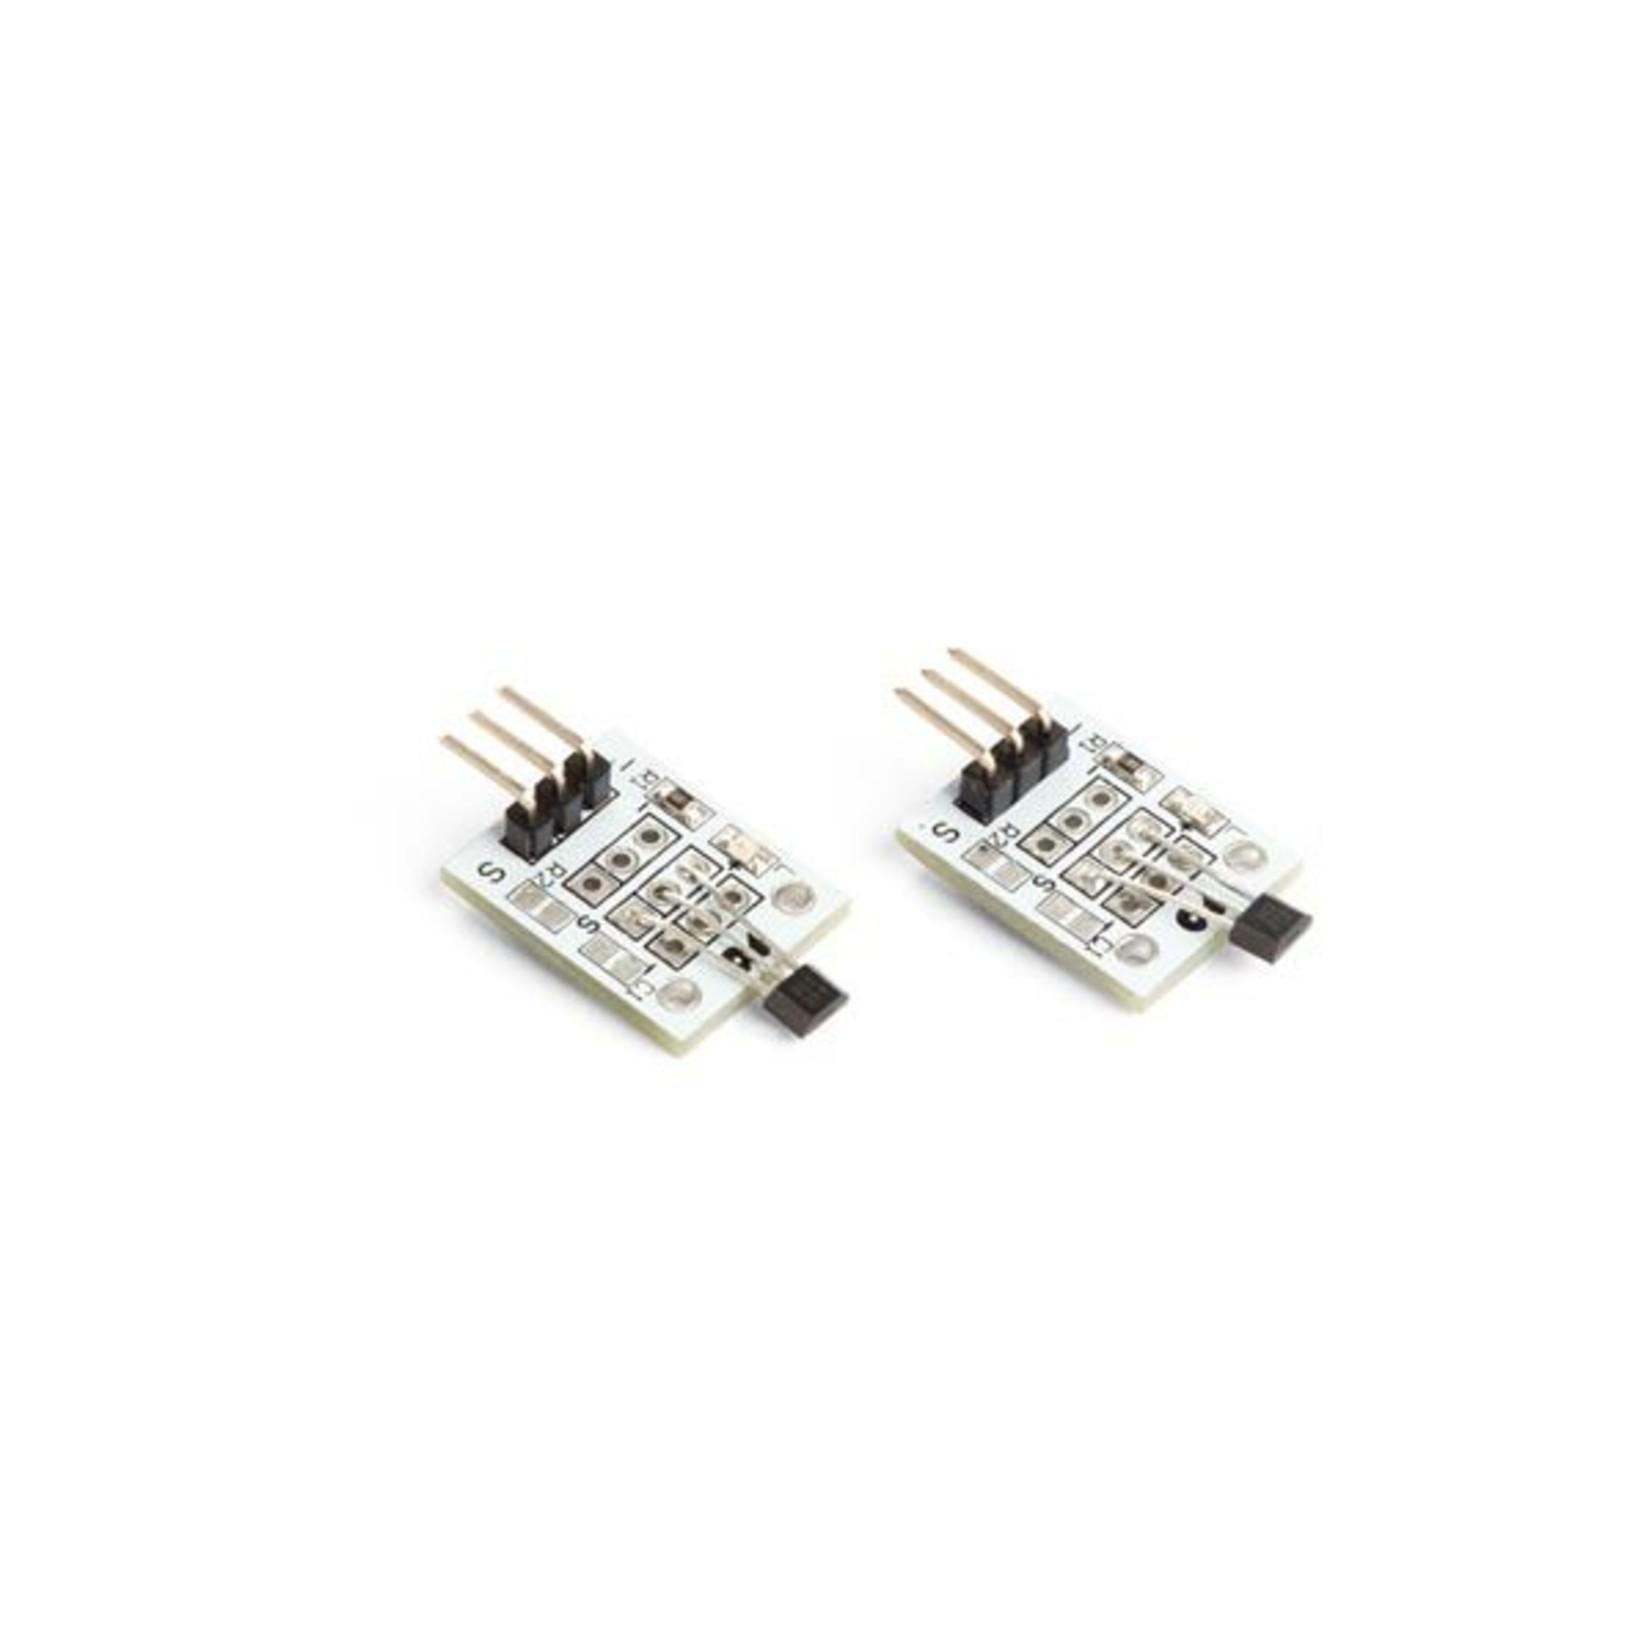 Velleman ARDUINO® compatibele magnetische hall (holzer) sensor(2 st.)